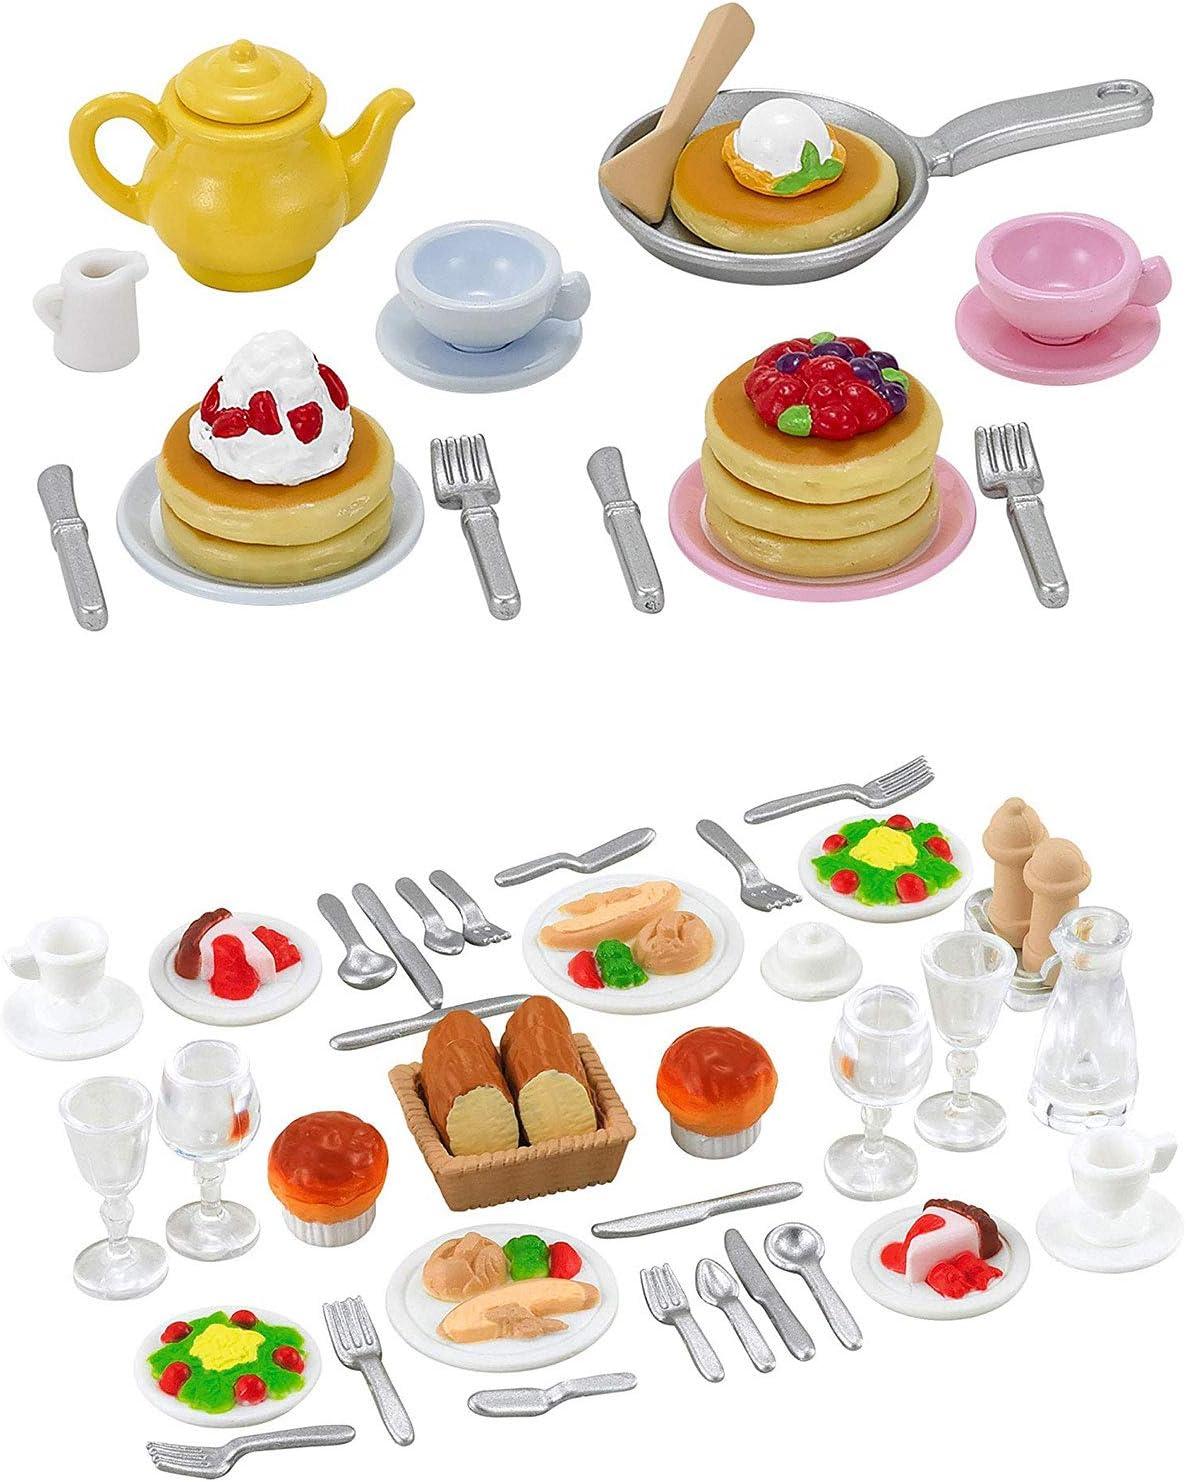 2 Food Sets - Dinner Set and Pancake Set (Japan Import)